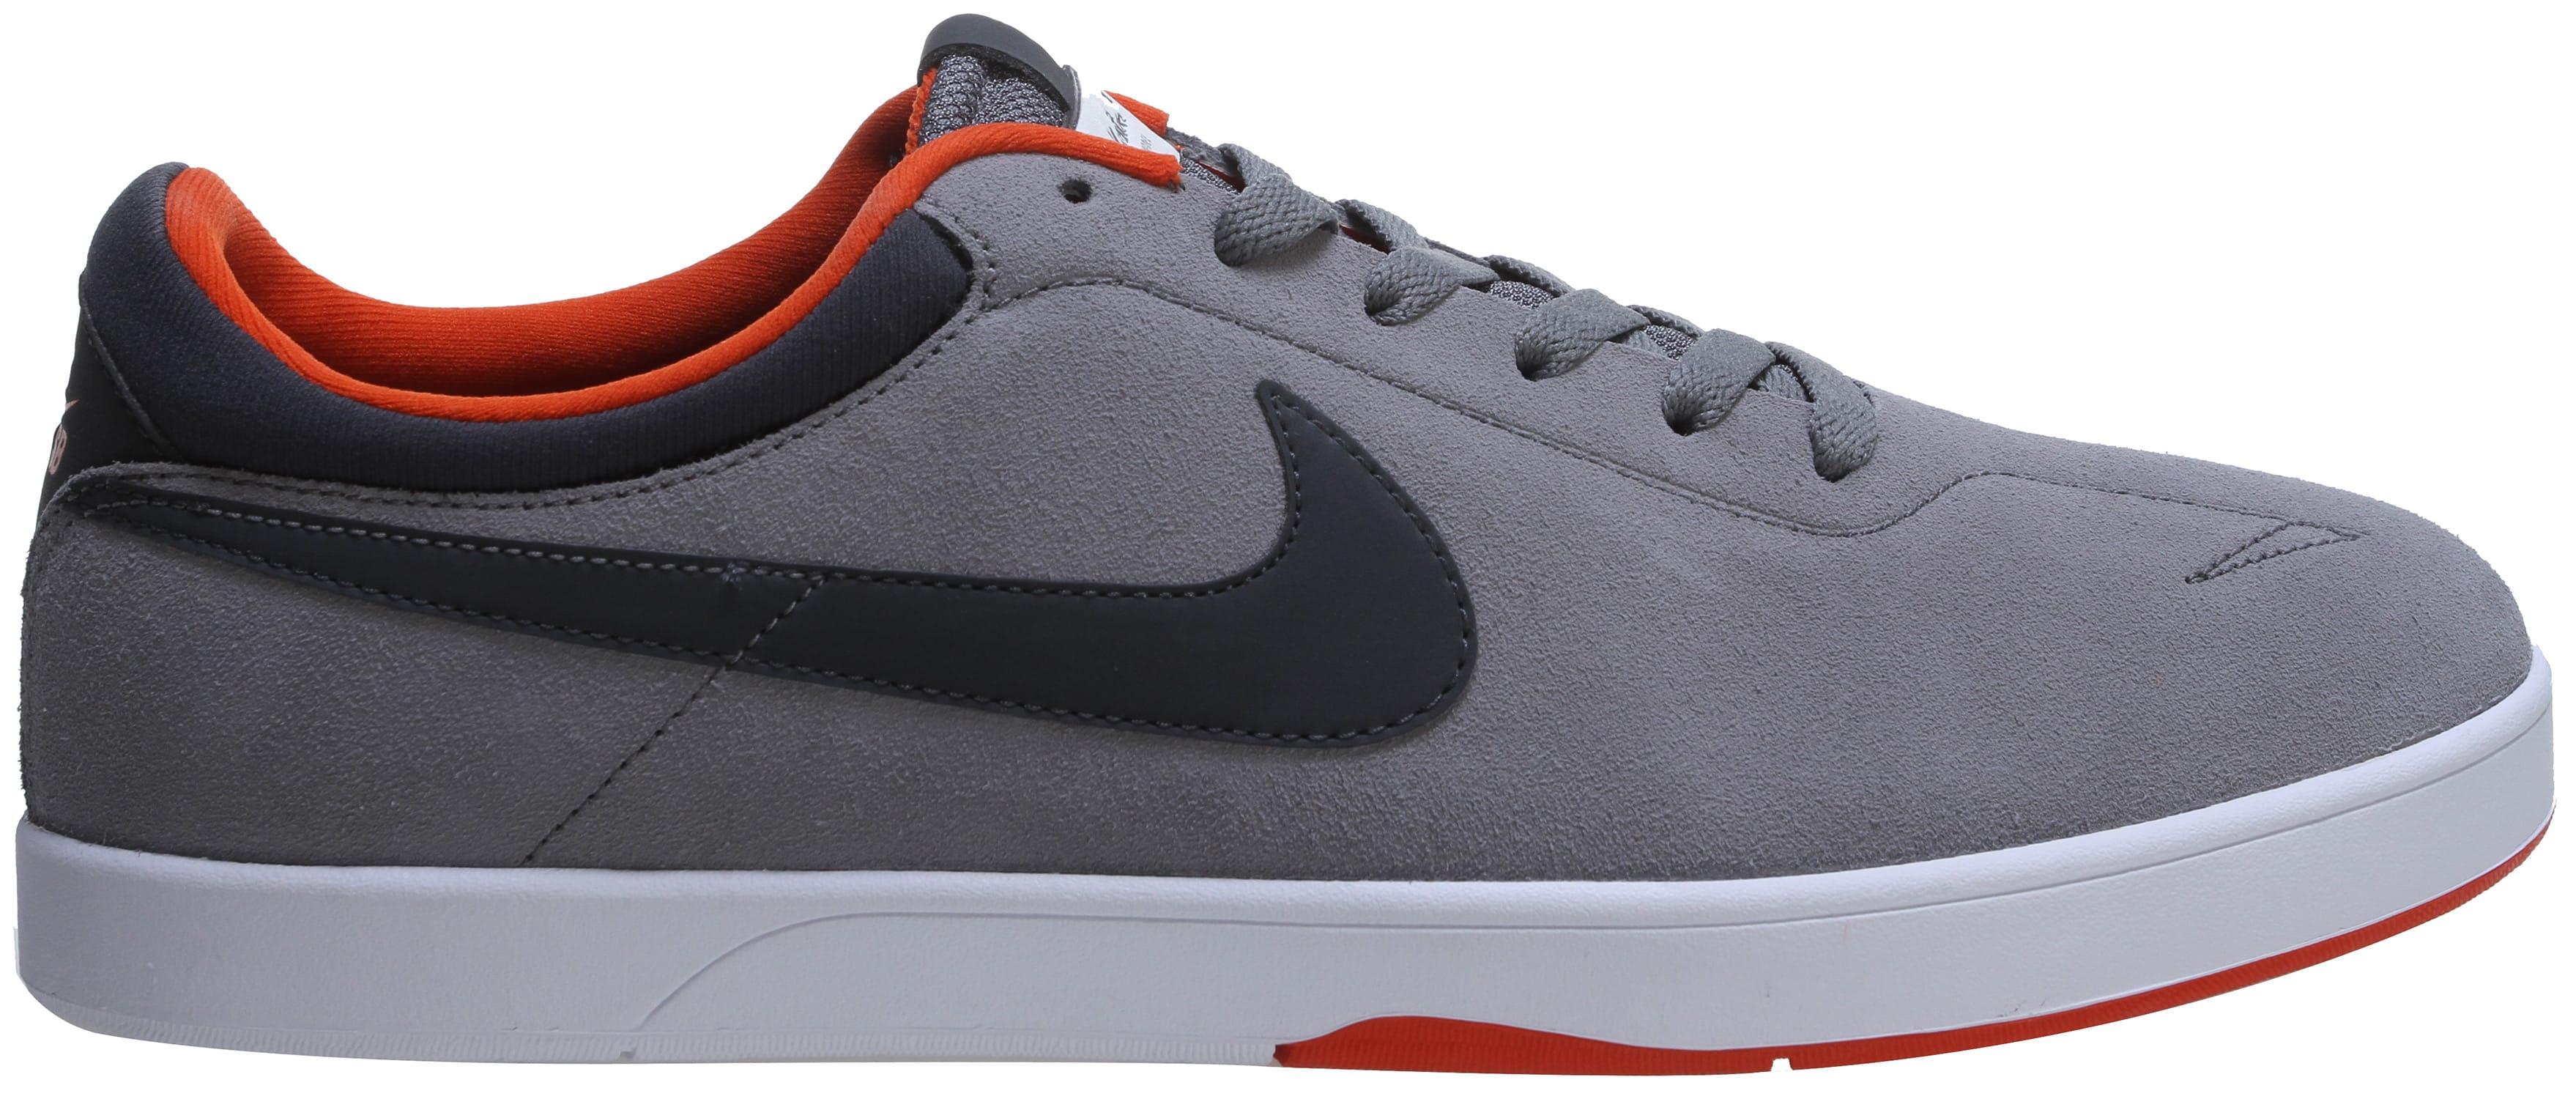 833e03fcb27d Nike Air Zoom Eric Koston Skate Shoes - thumbnail 1